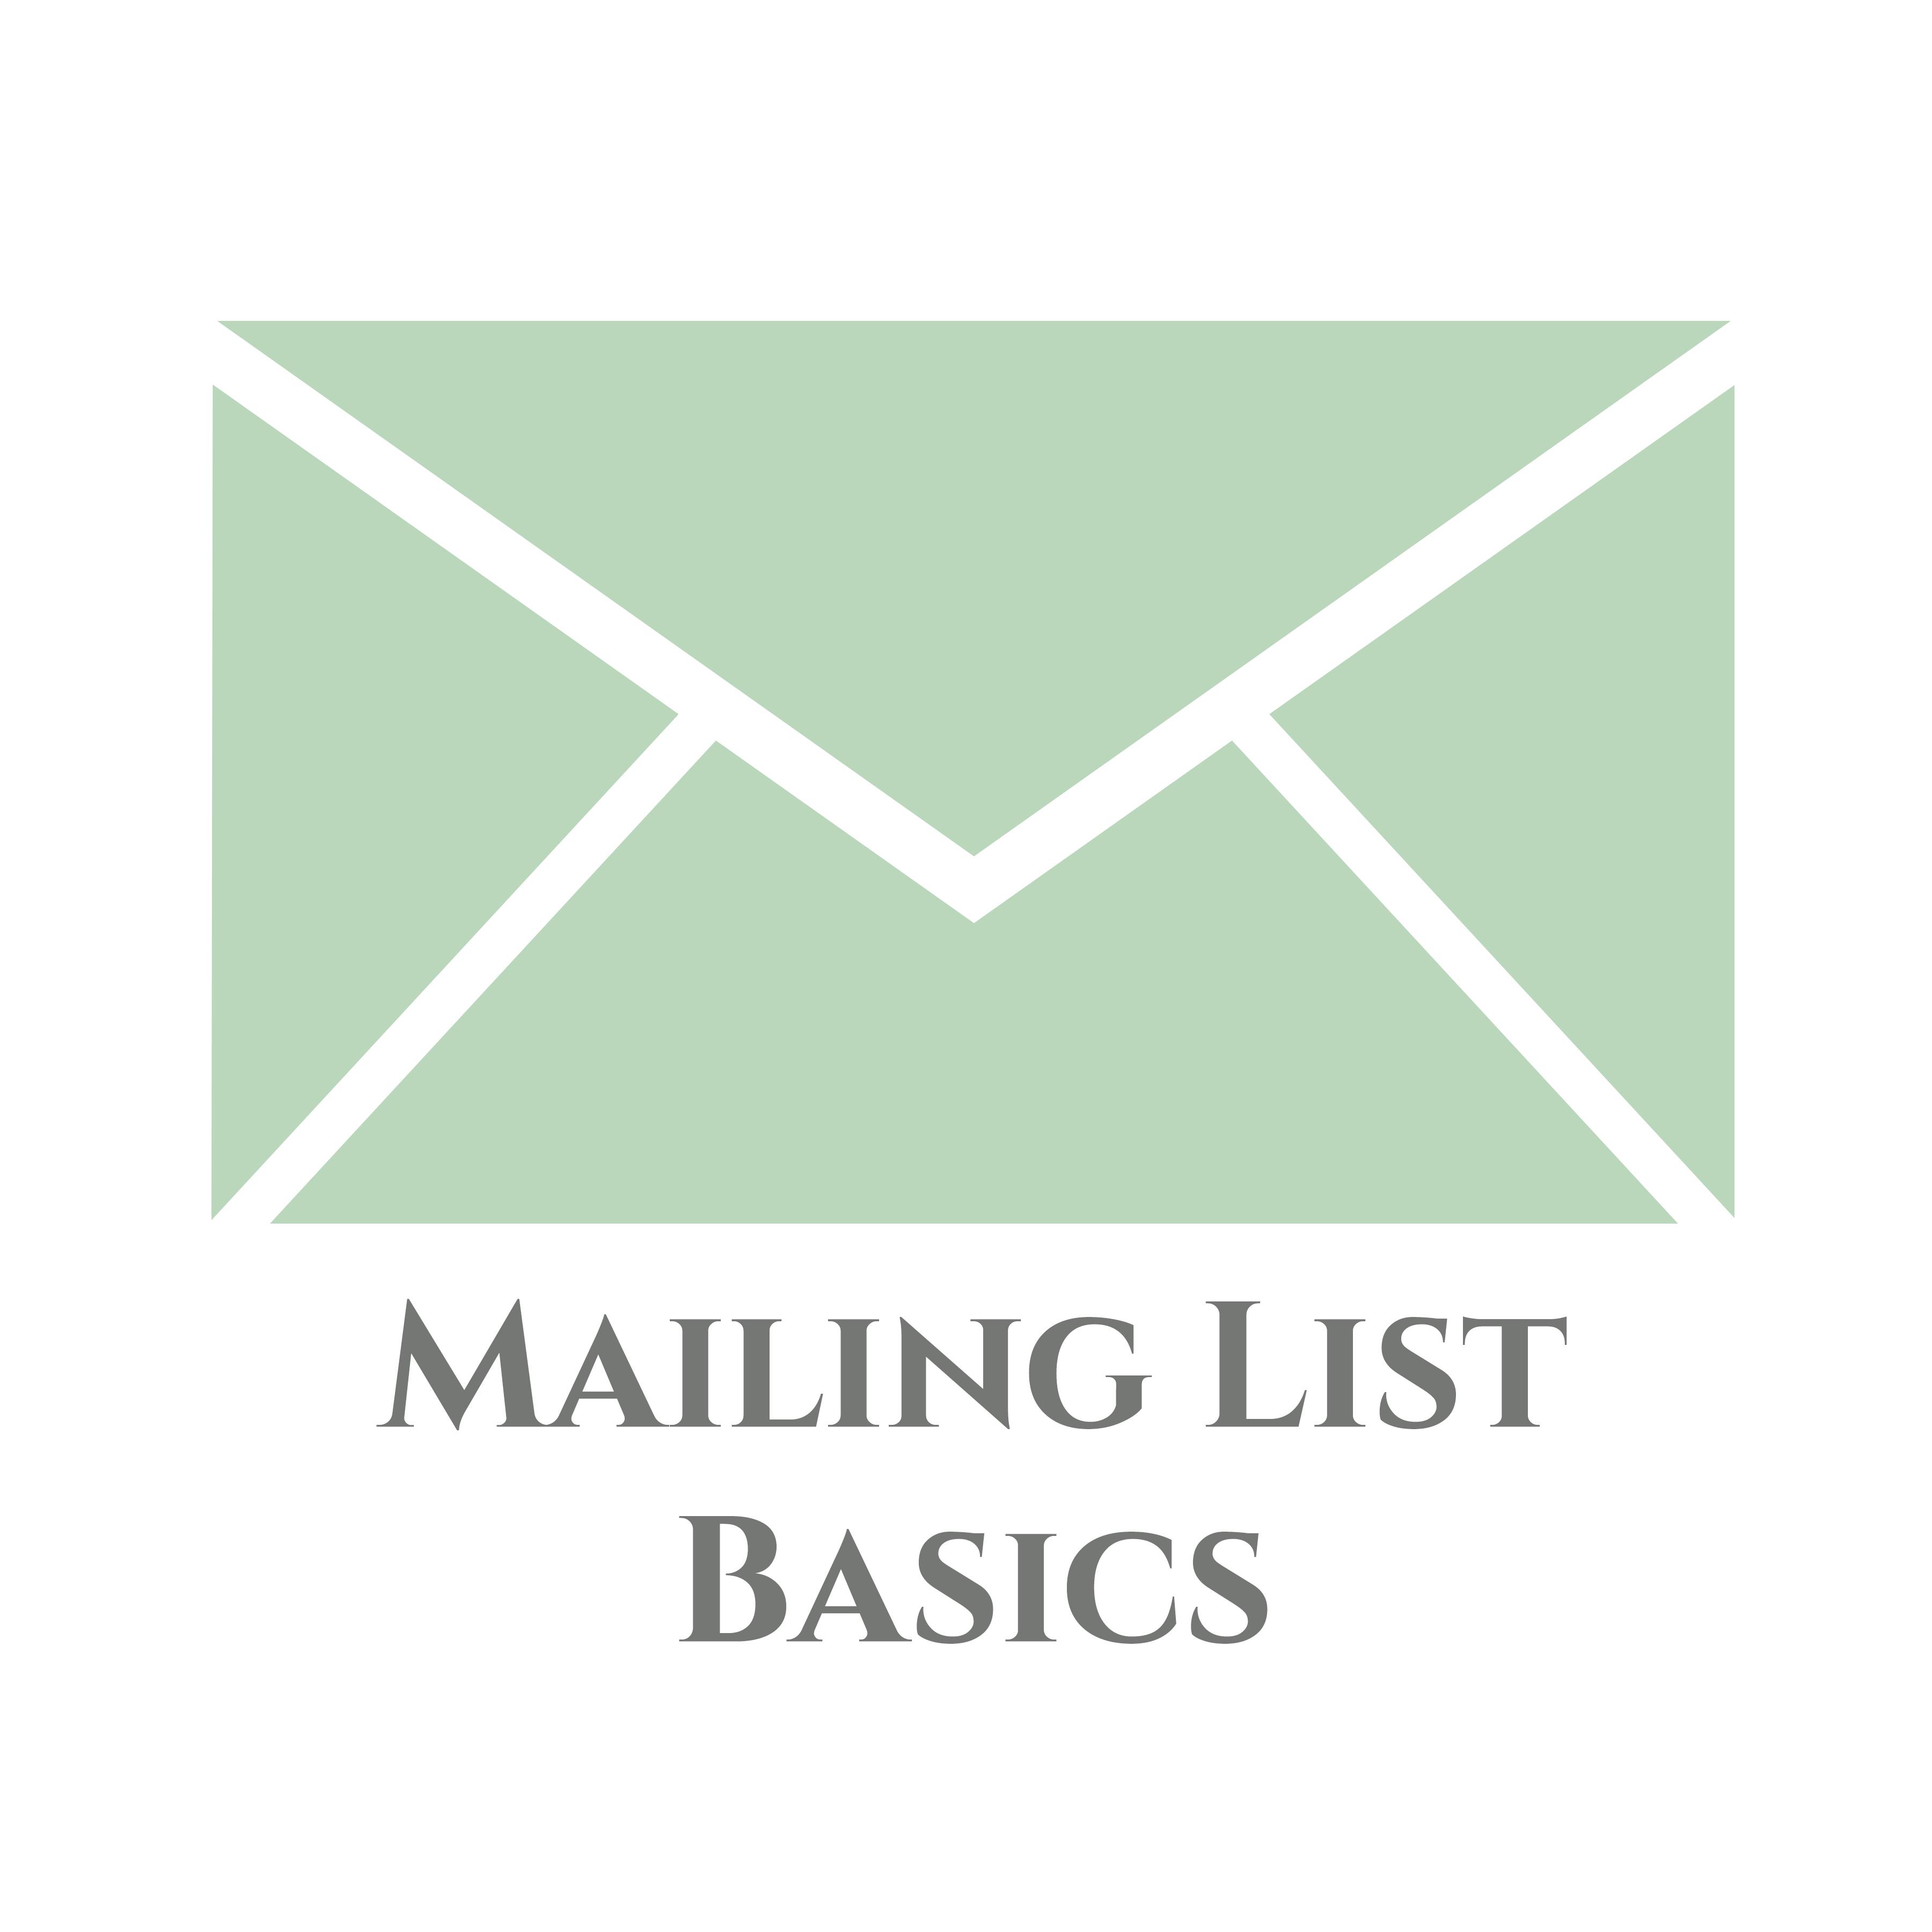 Mailing List Basics